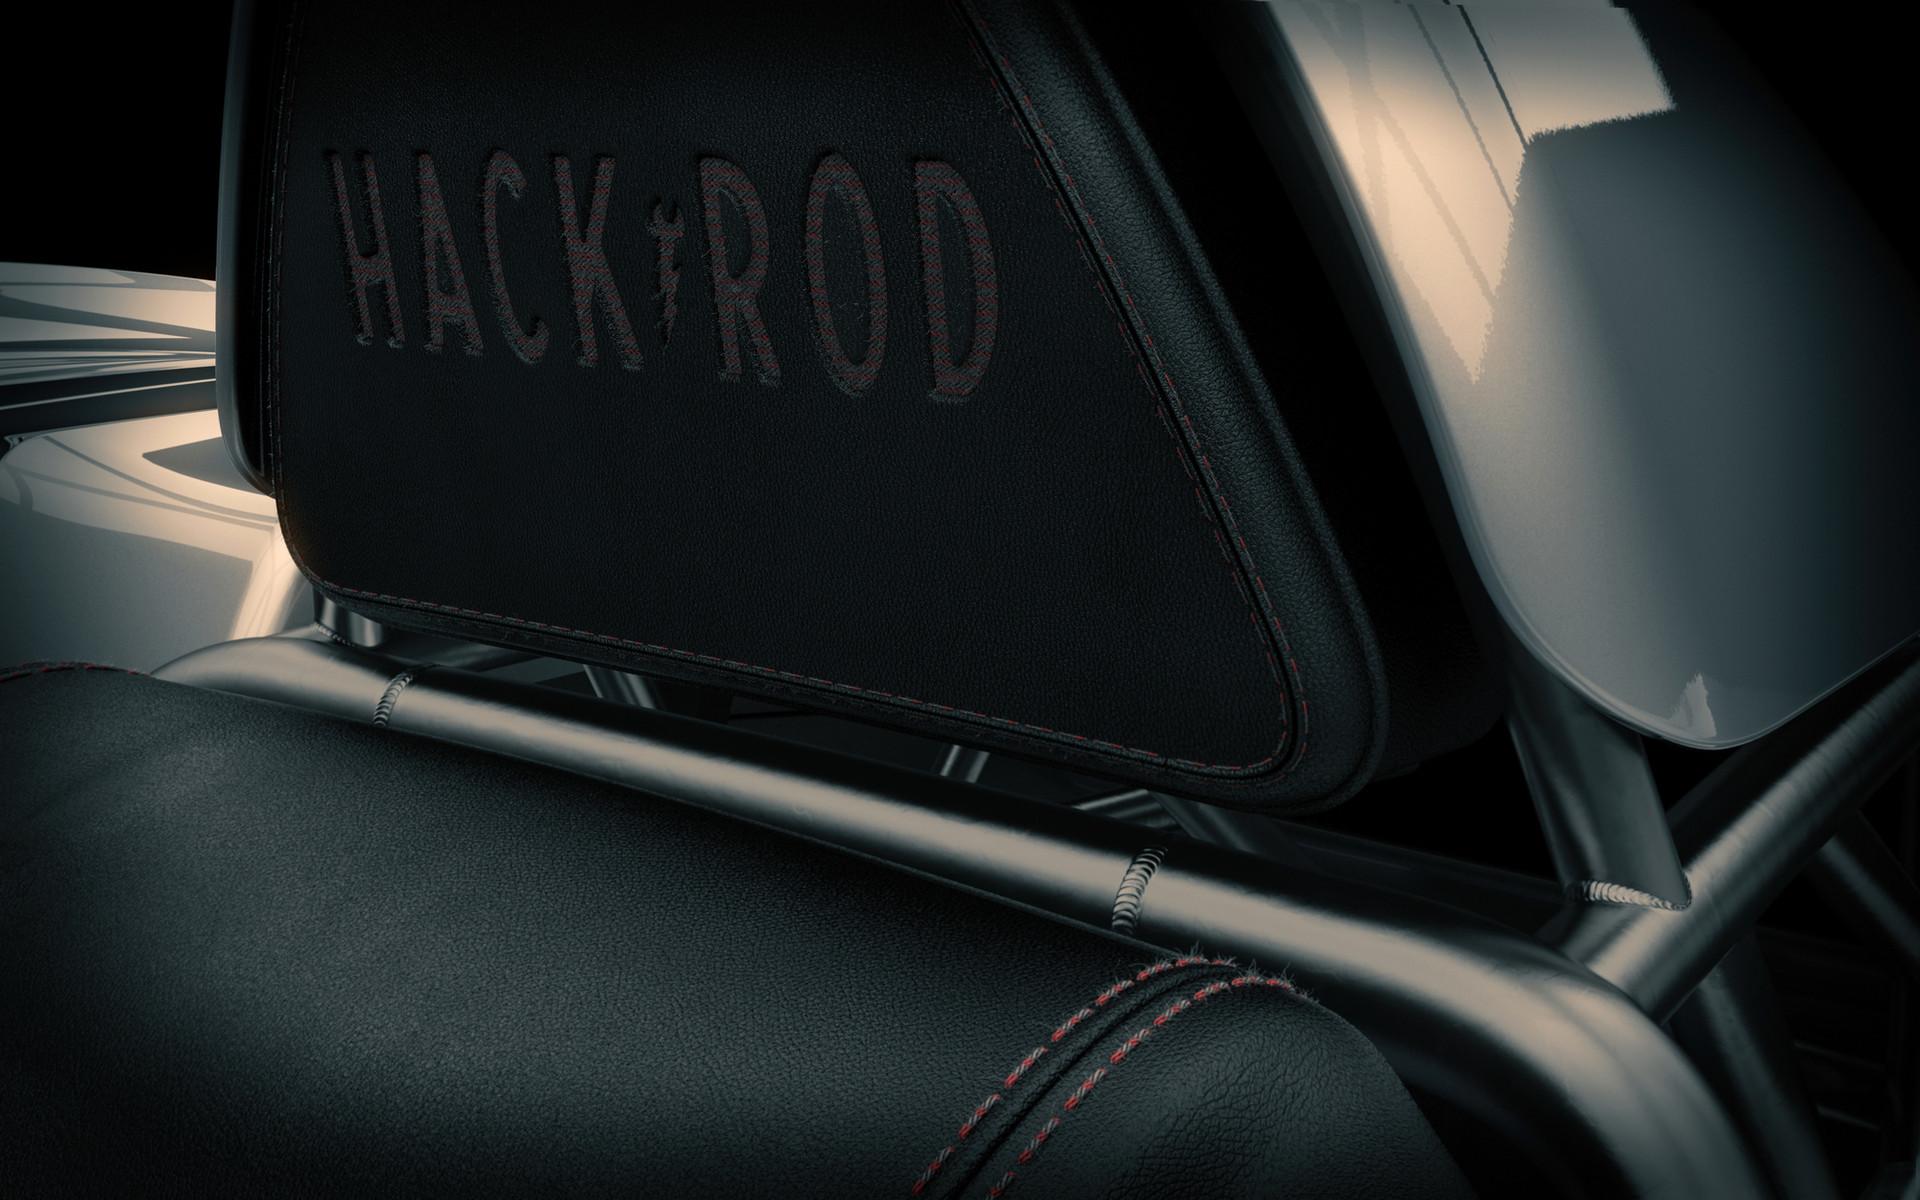 Hackrod - La Bandita